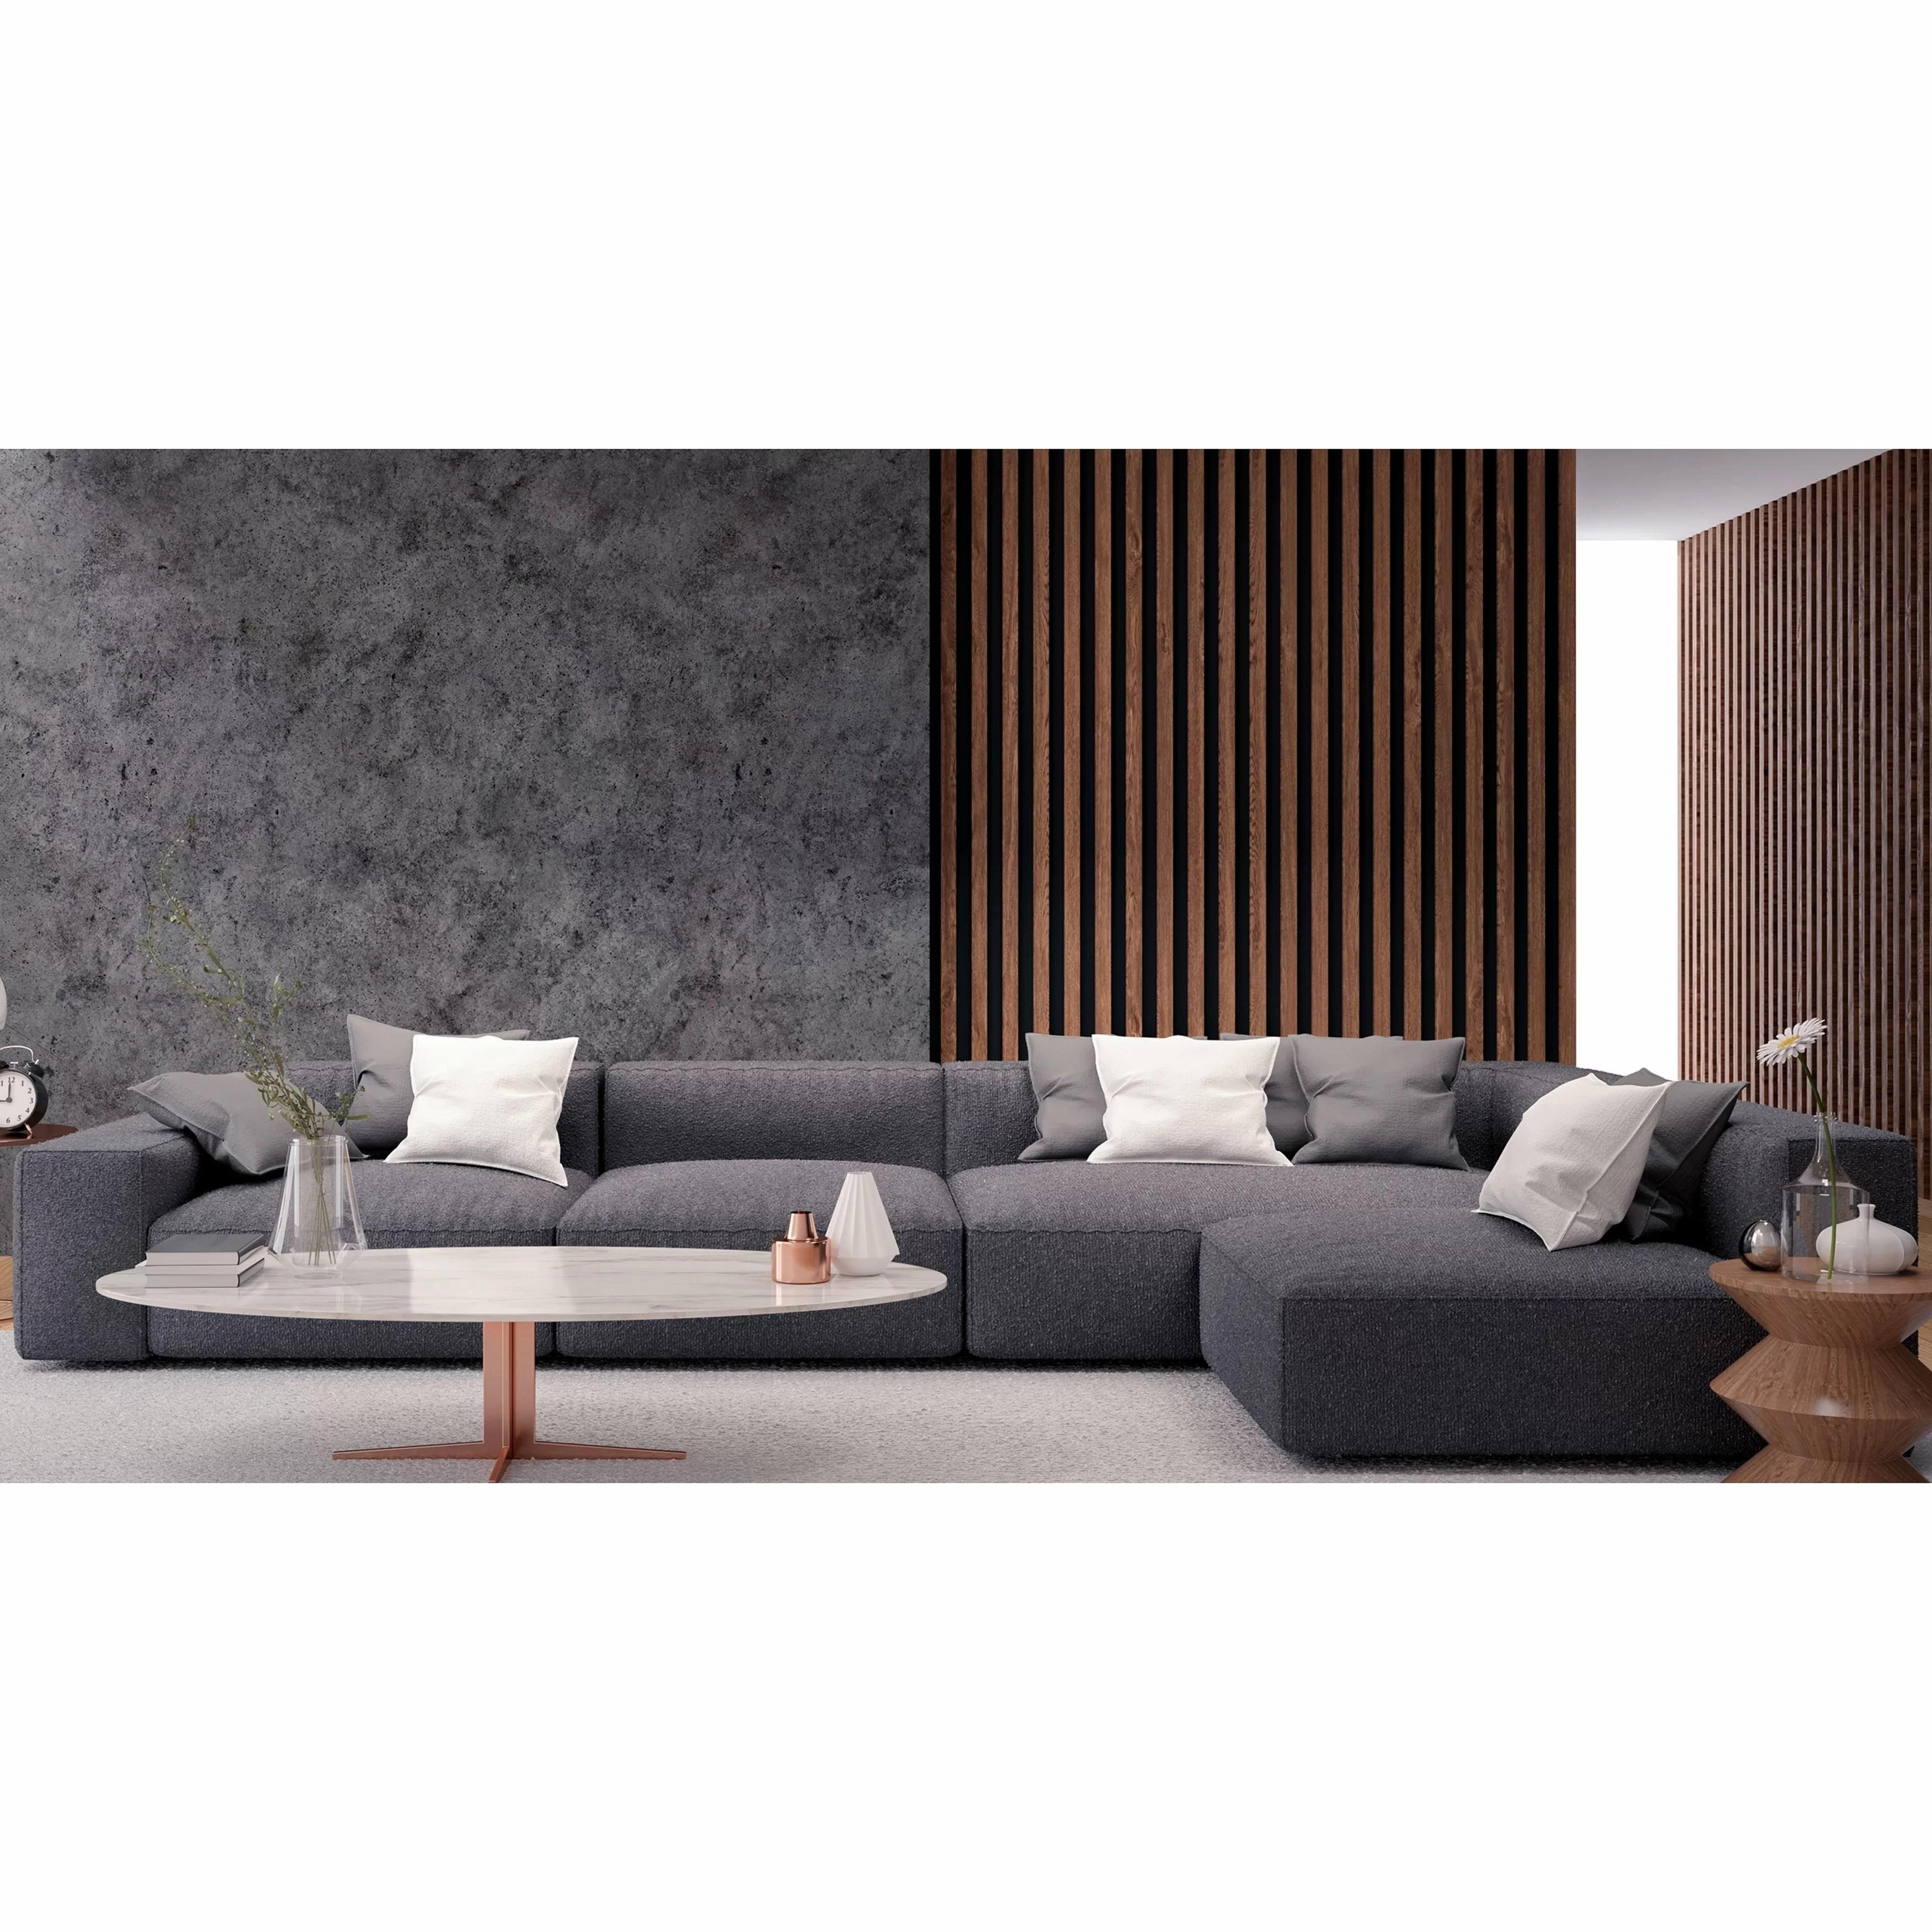 elijah grey fabric sectional sofa